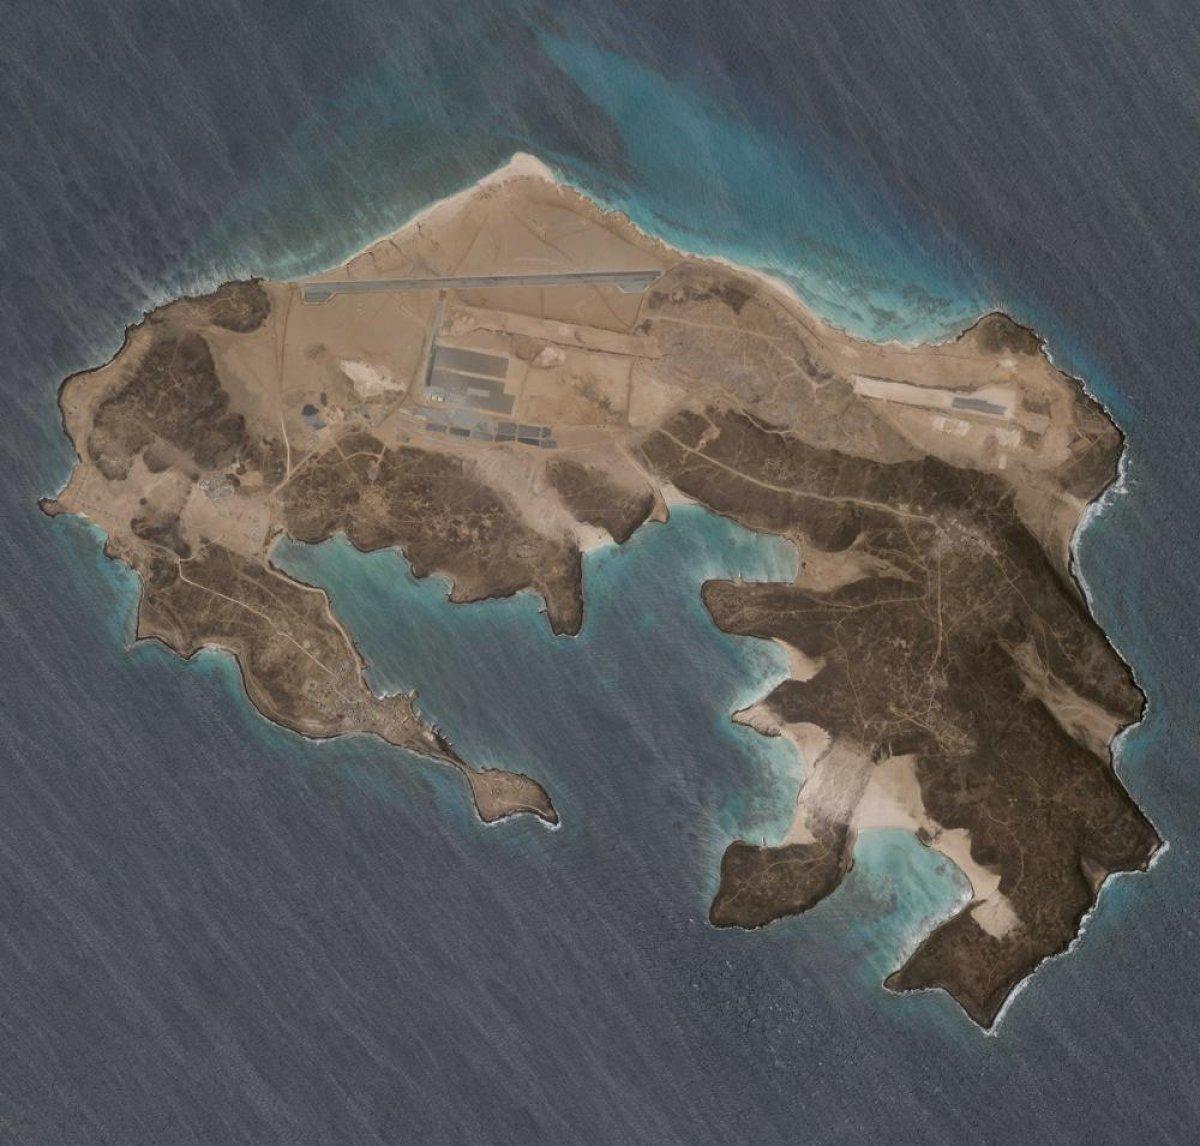 Yemen açıklarındaki adada hava üssü ortaya çıktı #2